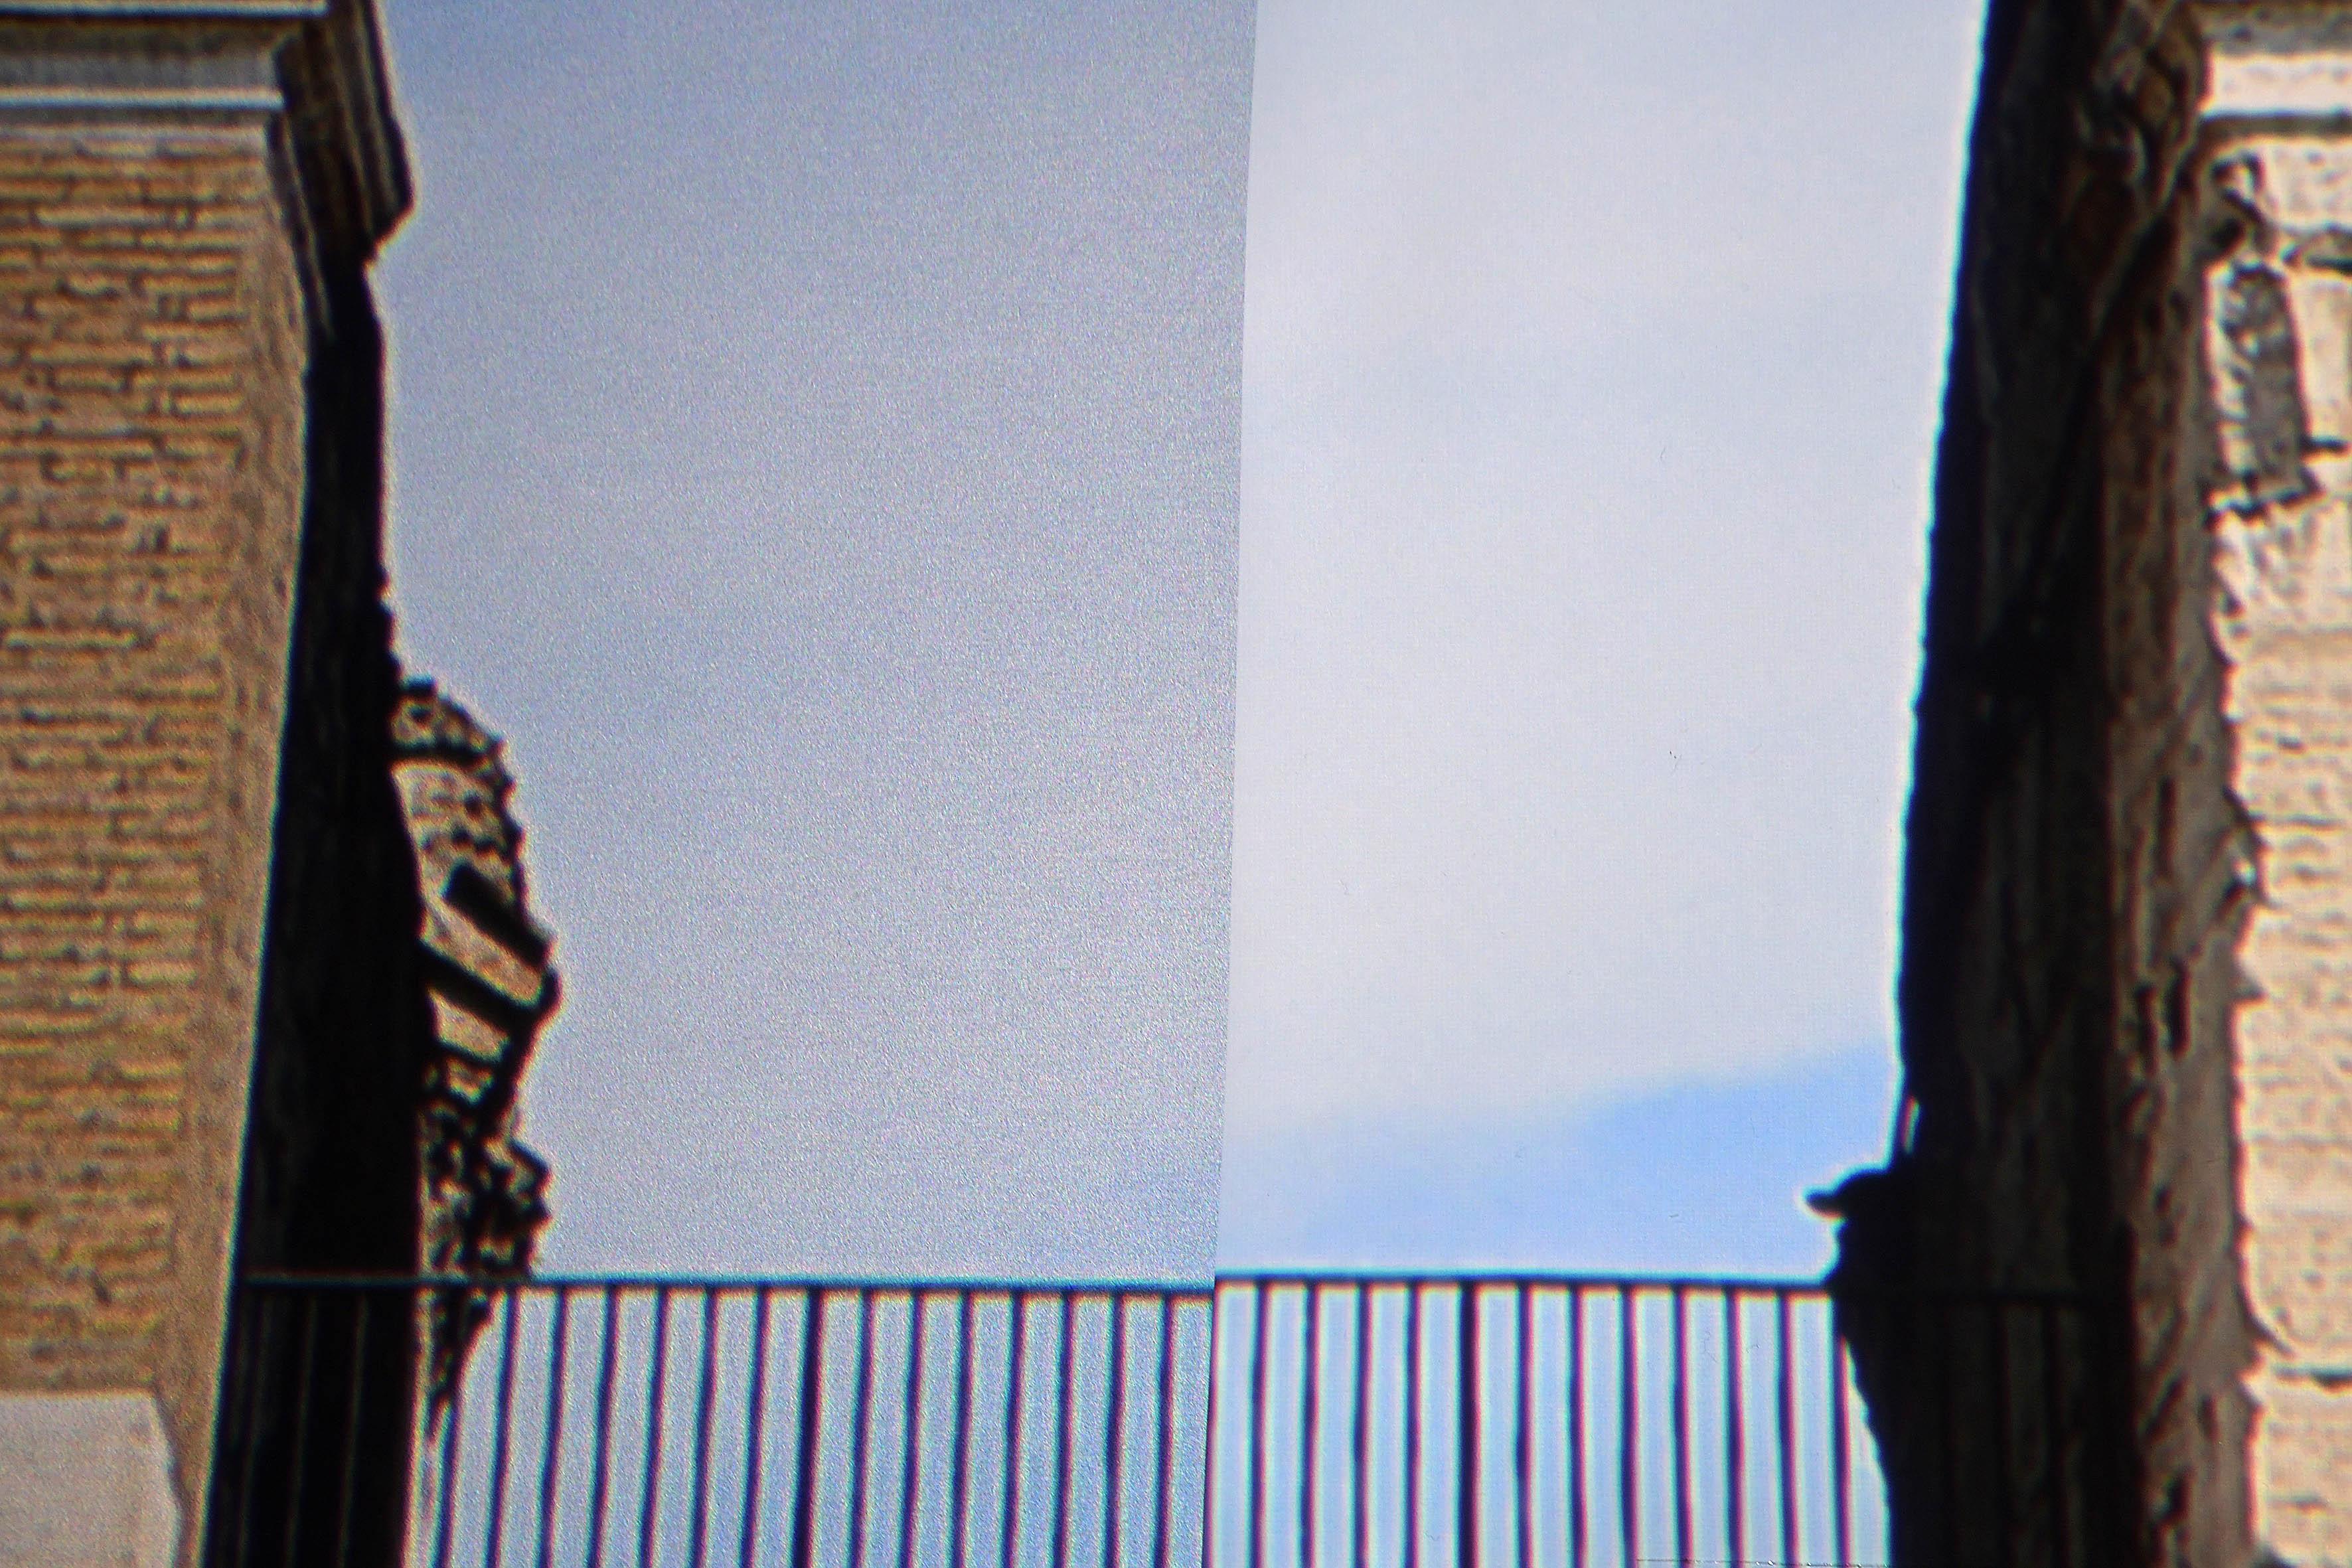 Links die WS-Spalluto CinemaFrame Ambient HC. Rechts eine standardweiße Gain-1,0-Leinwand. Gut ist die Auswirkung der lichtverstärkenden Partikel zu sehen. Das Bild CinemaFrame Ambient HC glitzert ein wenig (links). Das ist einer der Kompromisse, die im Wohnzimmer einzugehen sind für eine Projektion bei kontrolliertem Restlicht. Foto: Michael B. Rehders